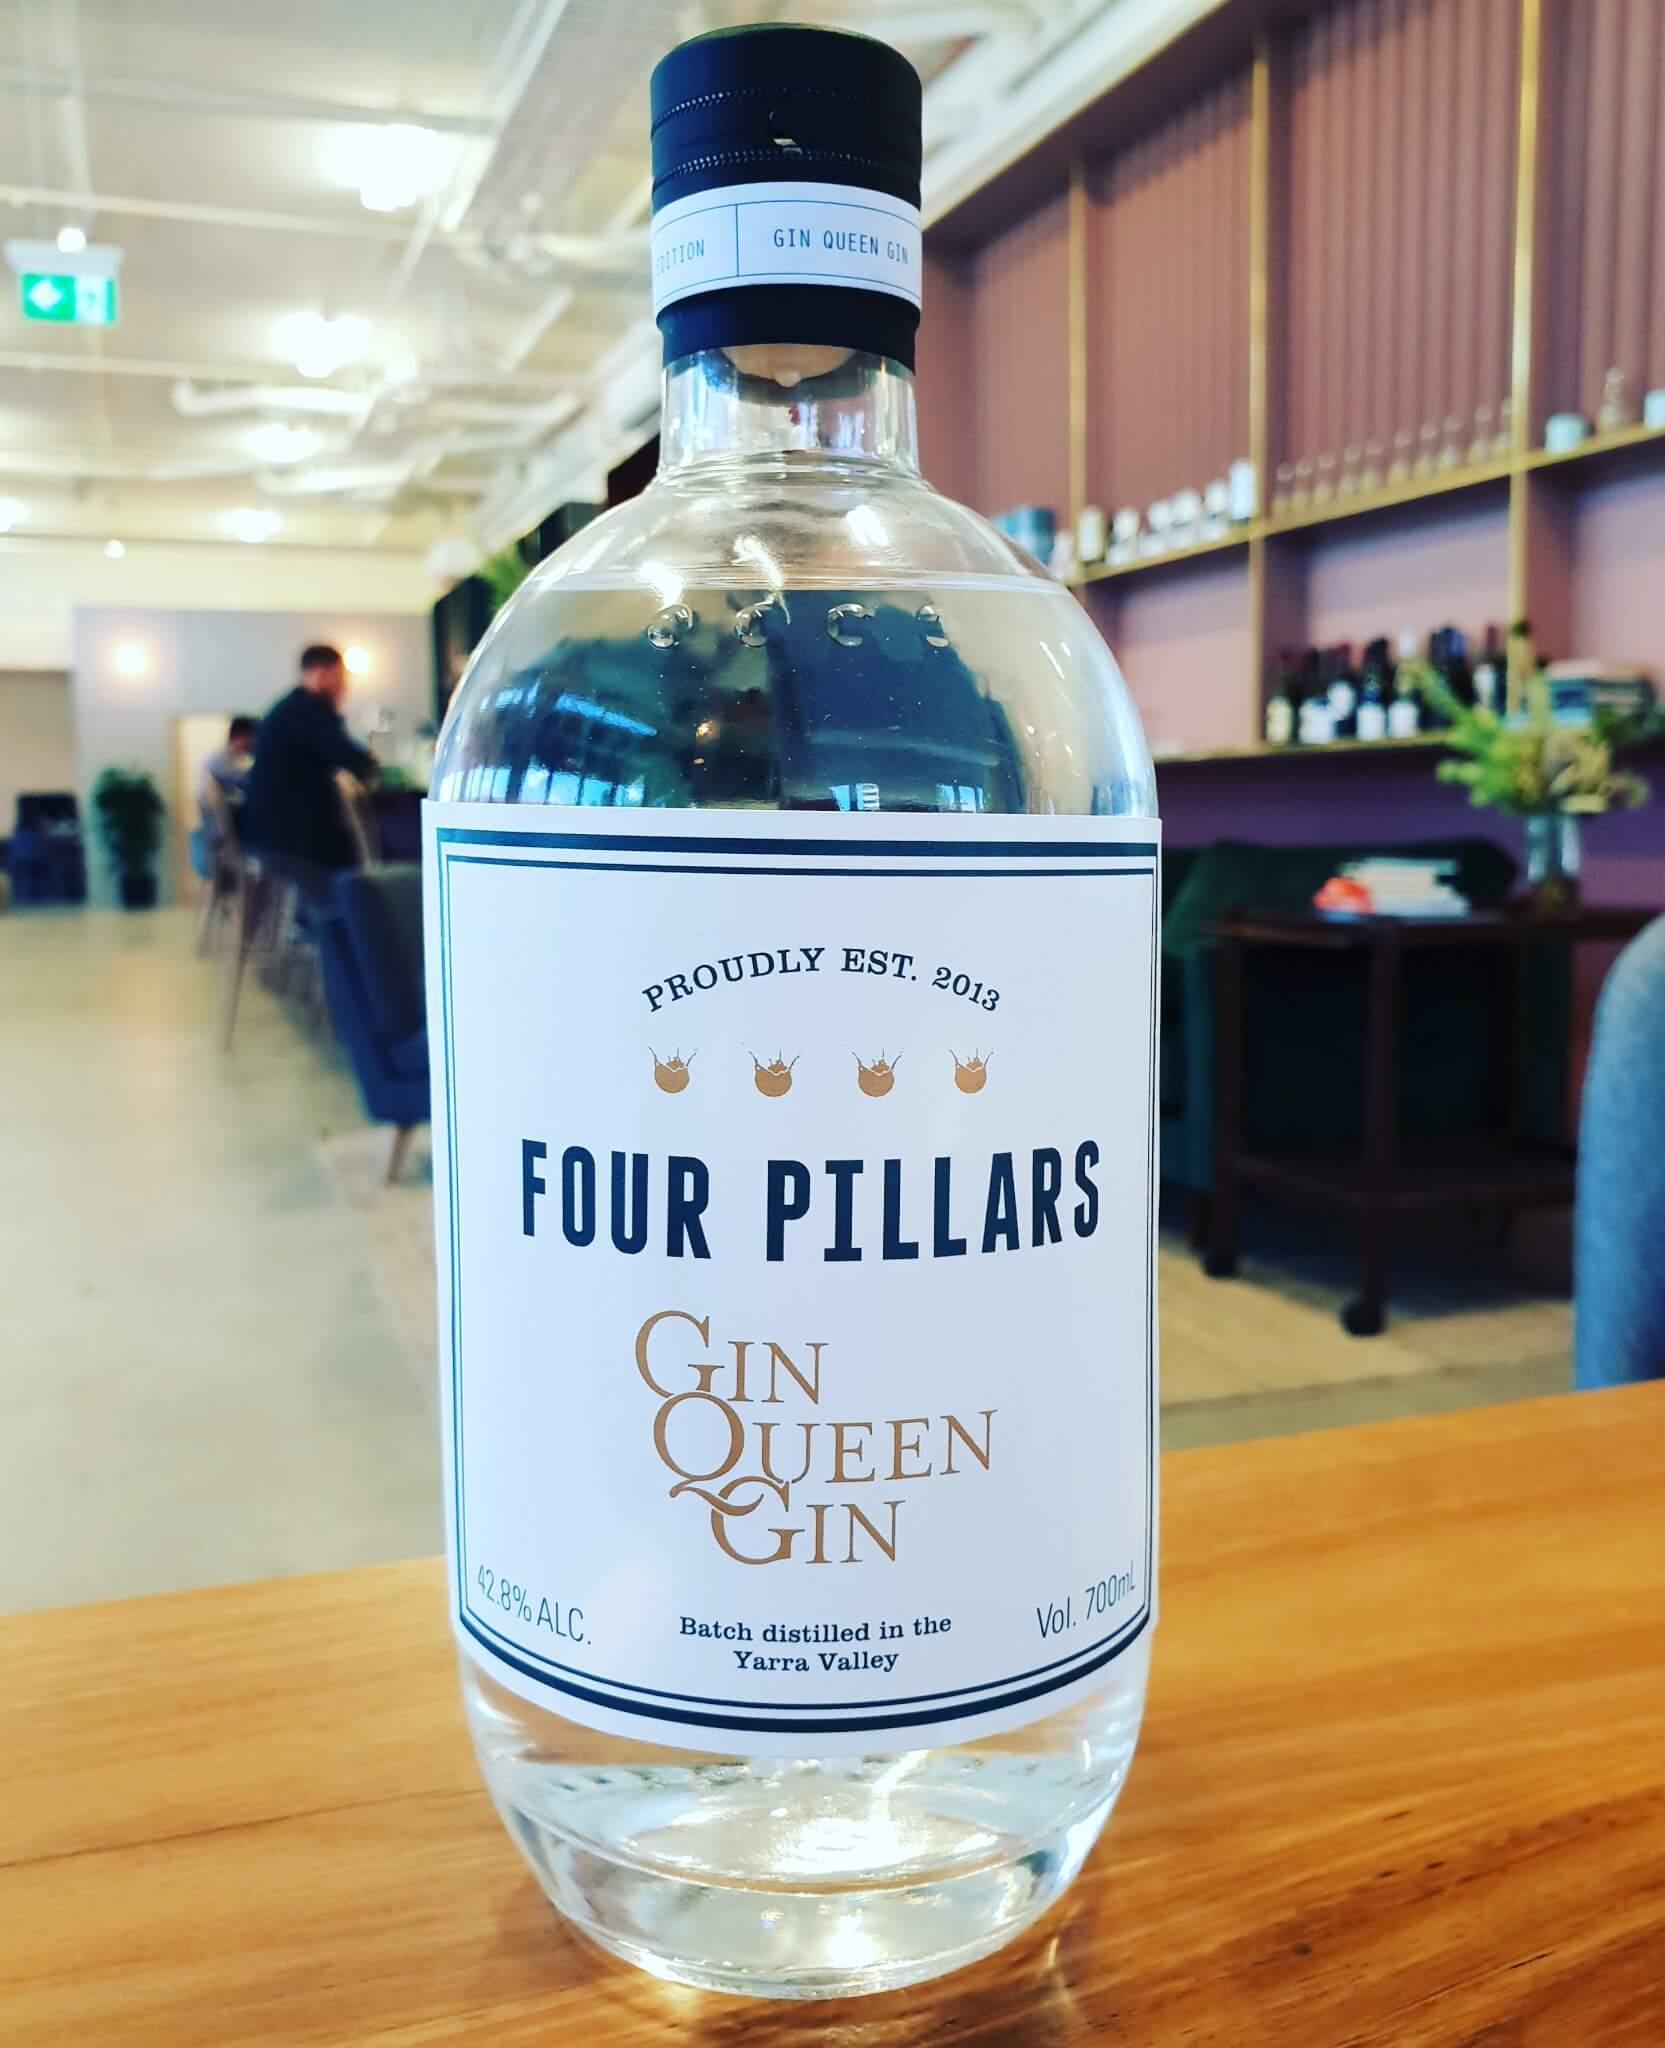 Gin Queen